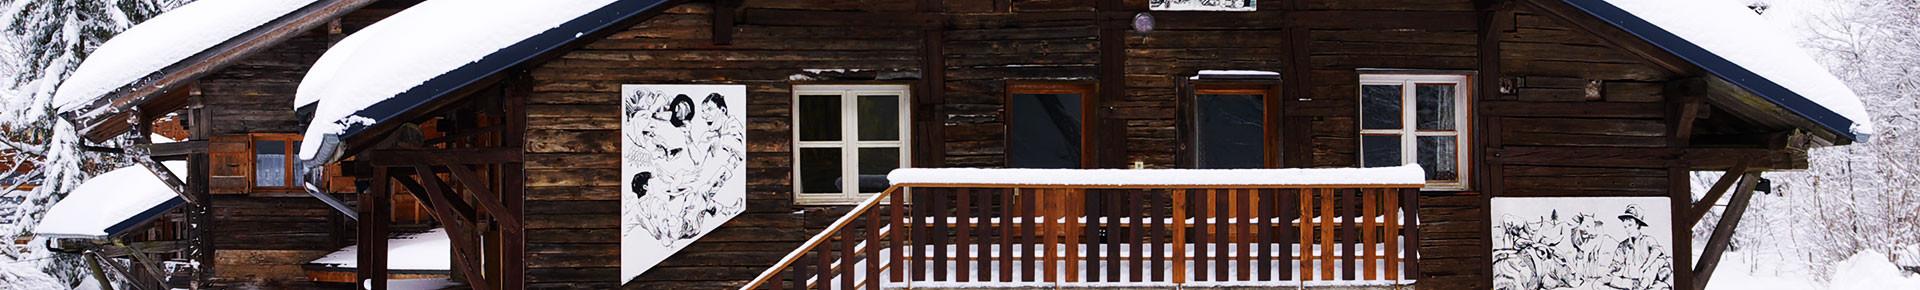 Hébergements groupes hiver